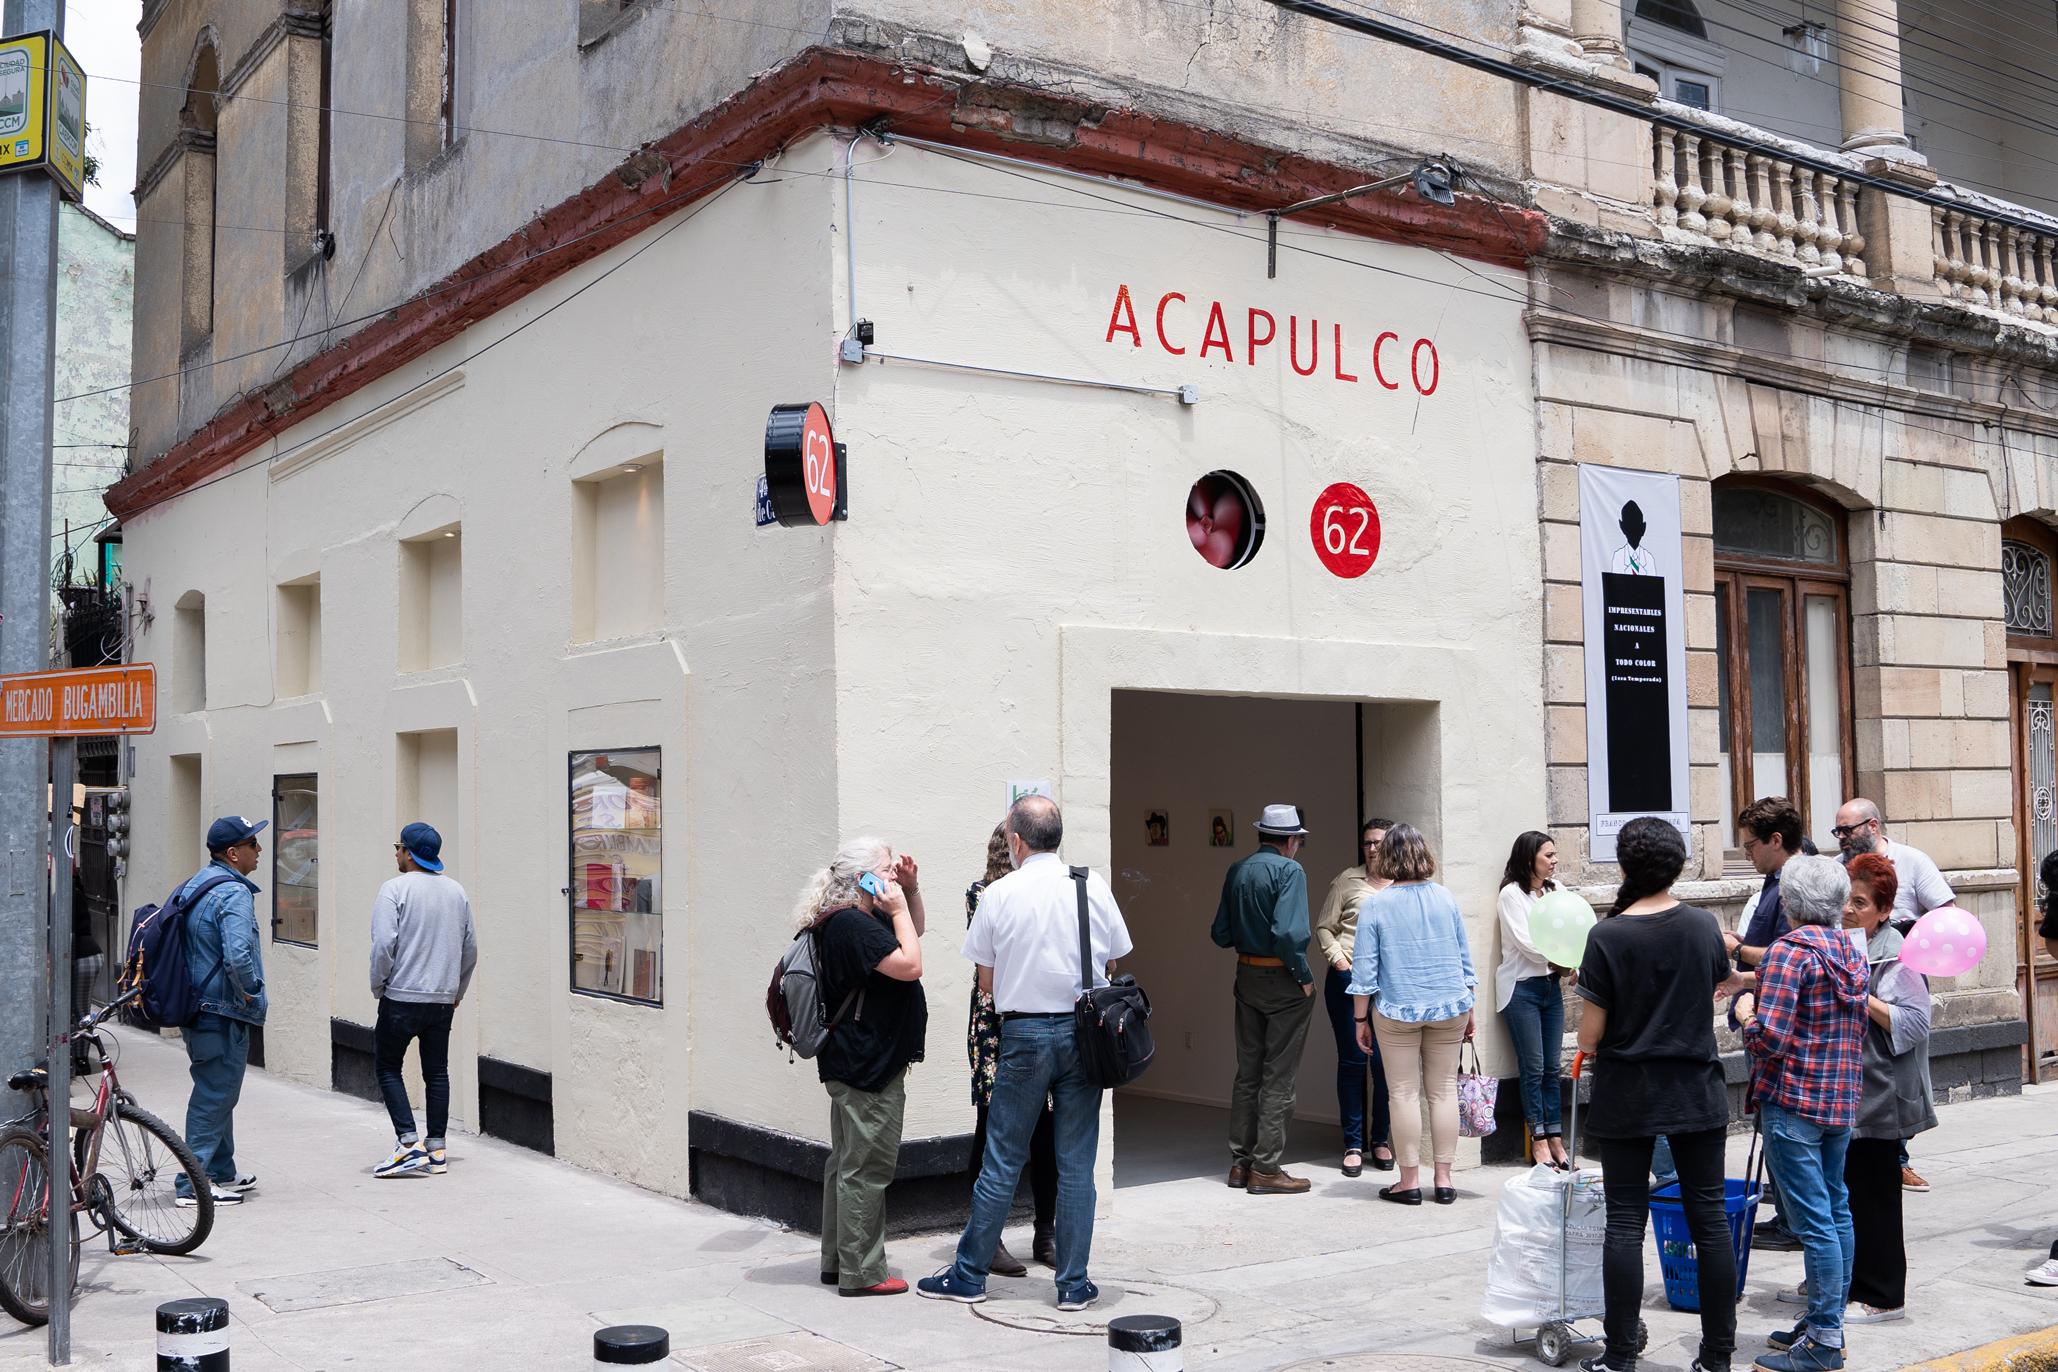 Acapulco 62